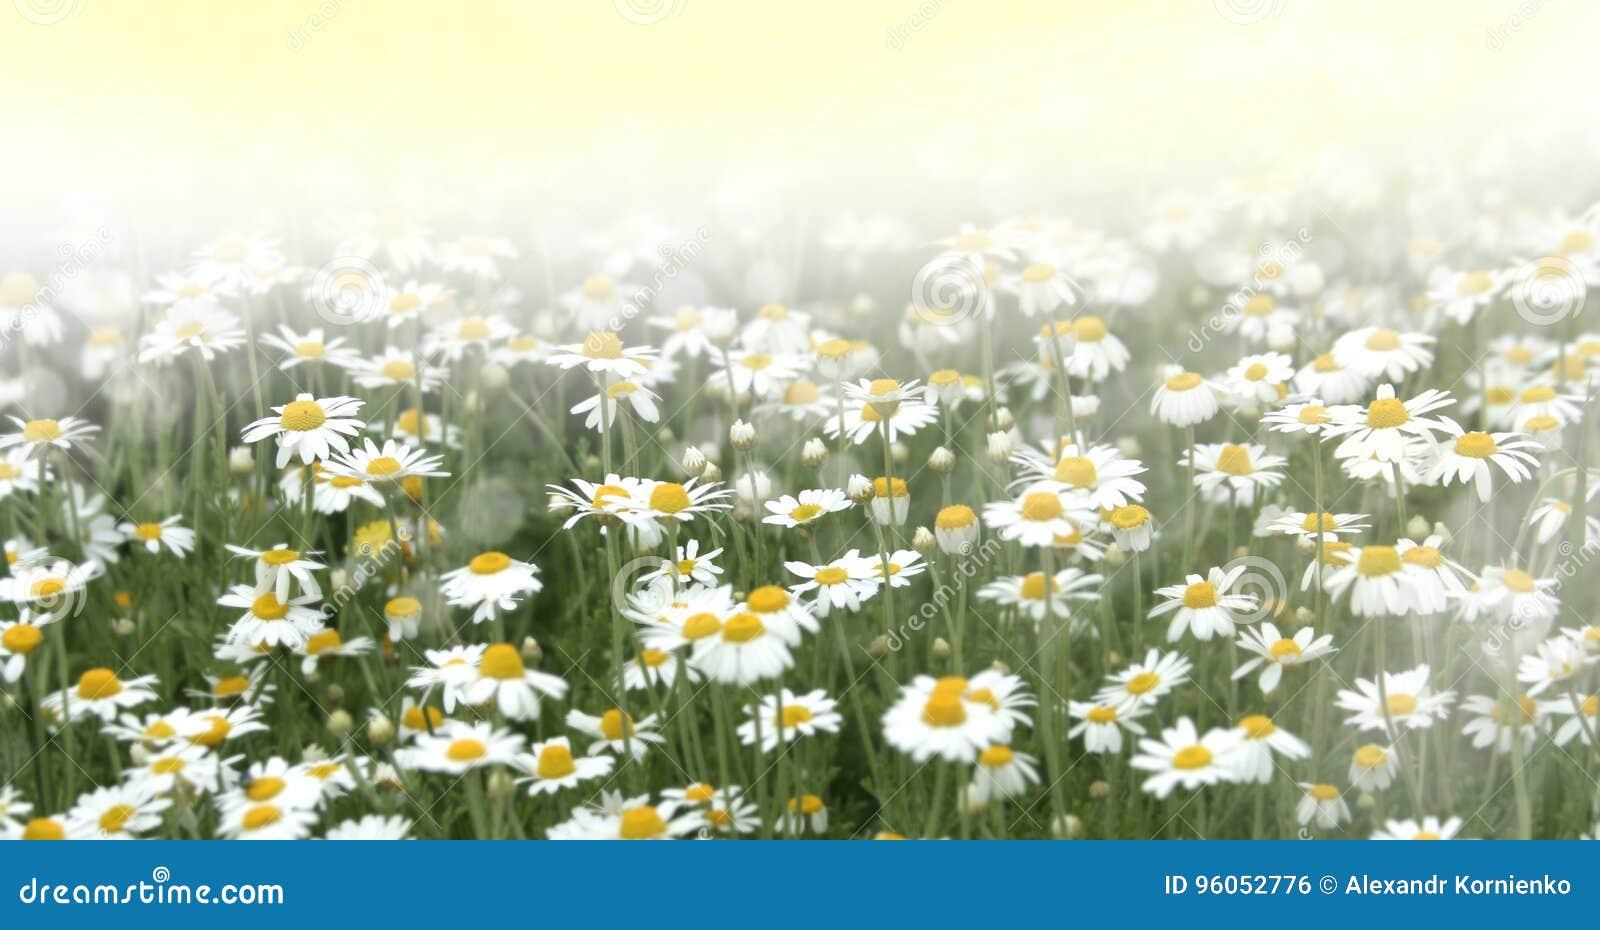 Fleurs de camomille sauvage sur un champ